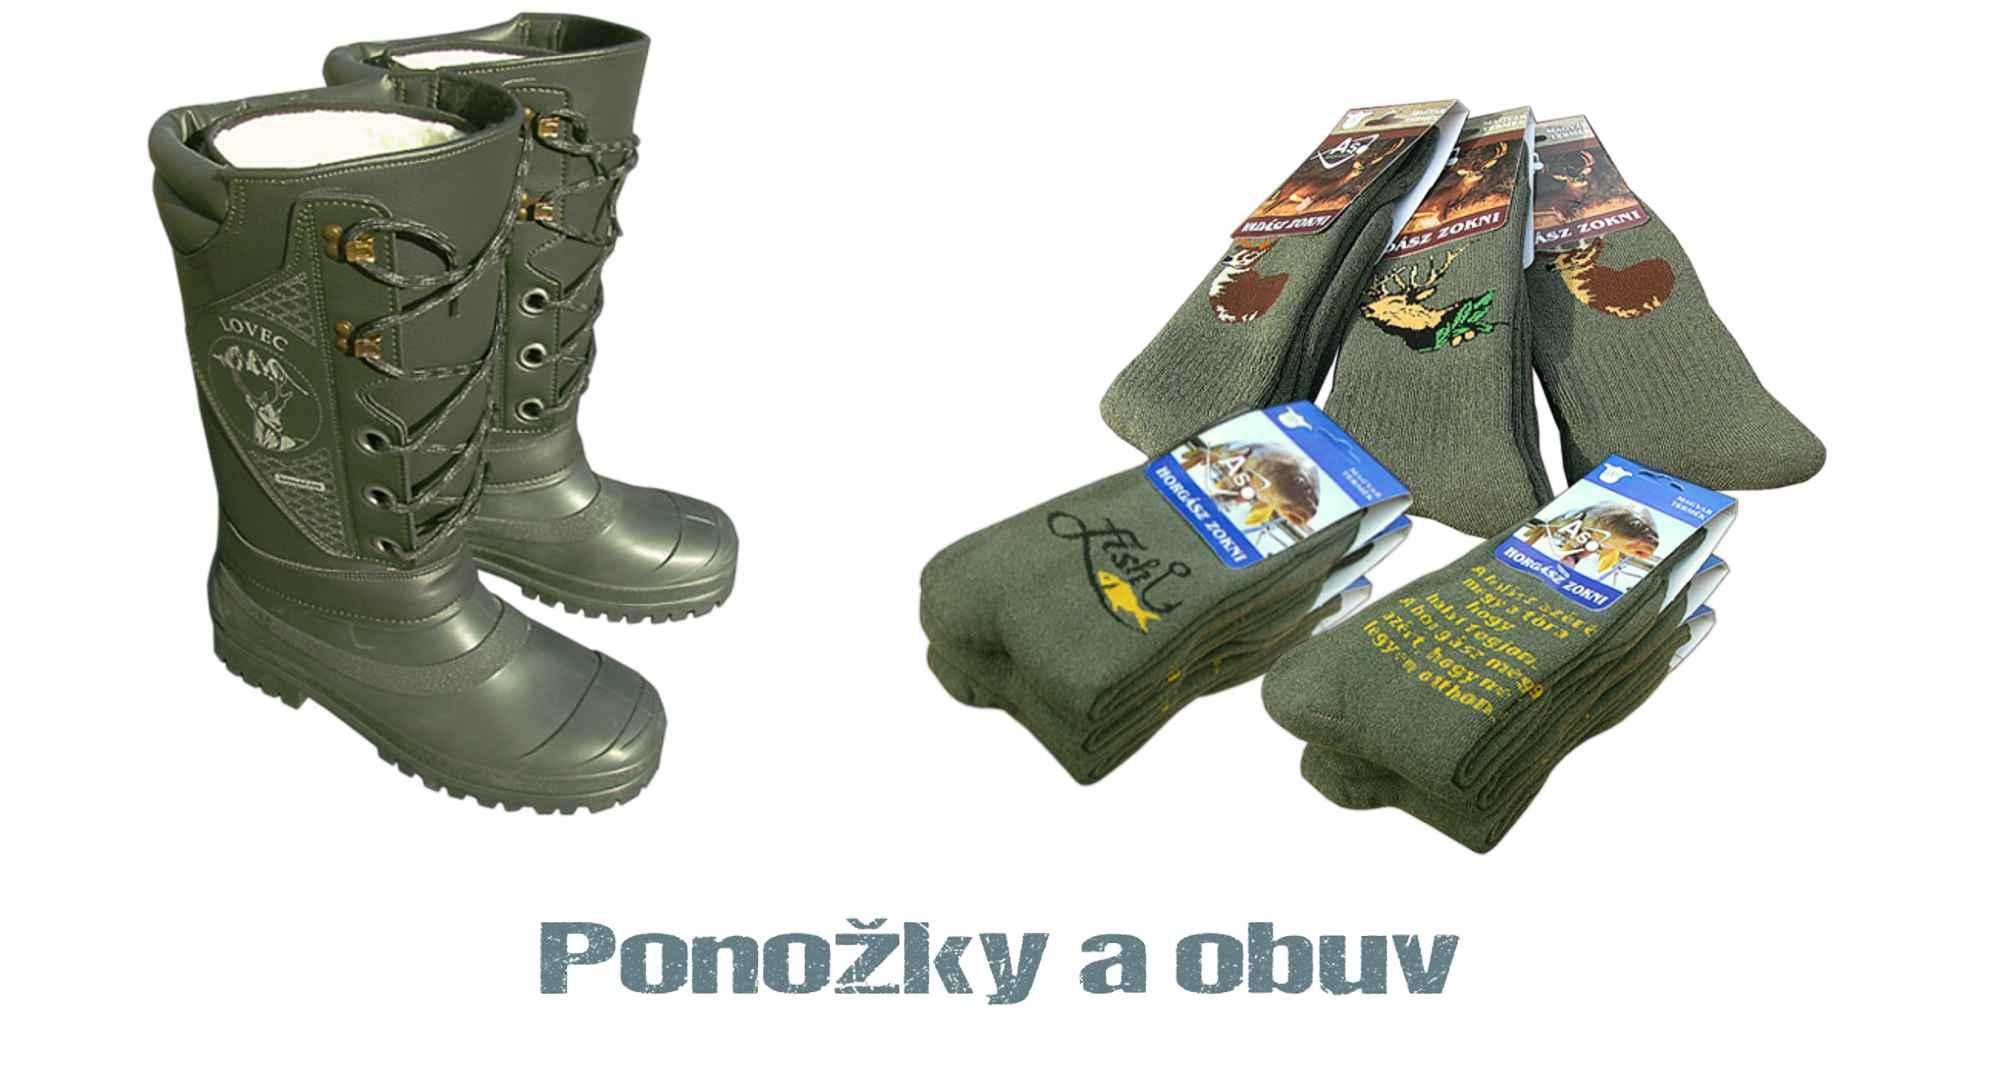 8b9fb8a8393e ... oblečenie a doplnky pre rybárov a poľovníkov ako ponožky a obuv a pod.